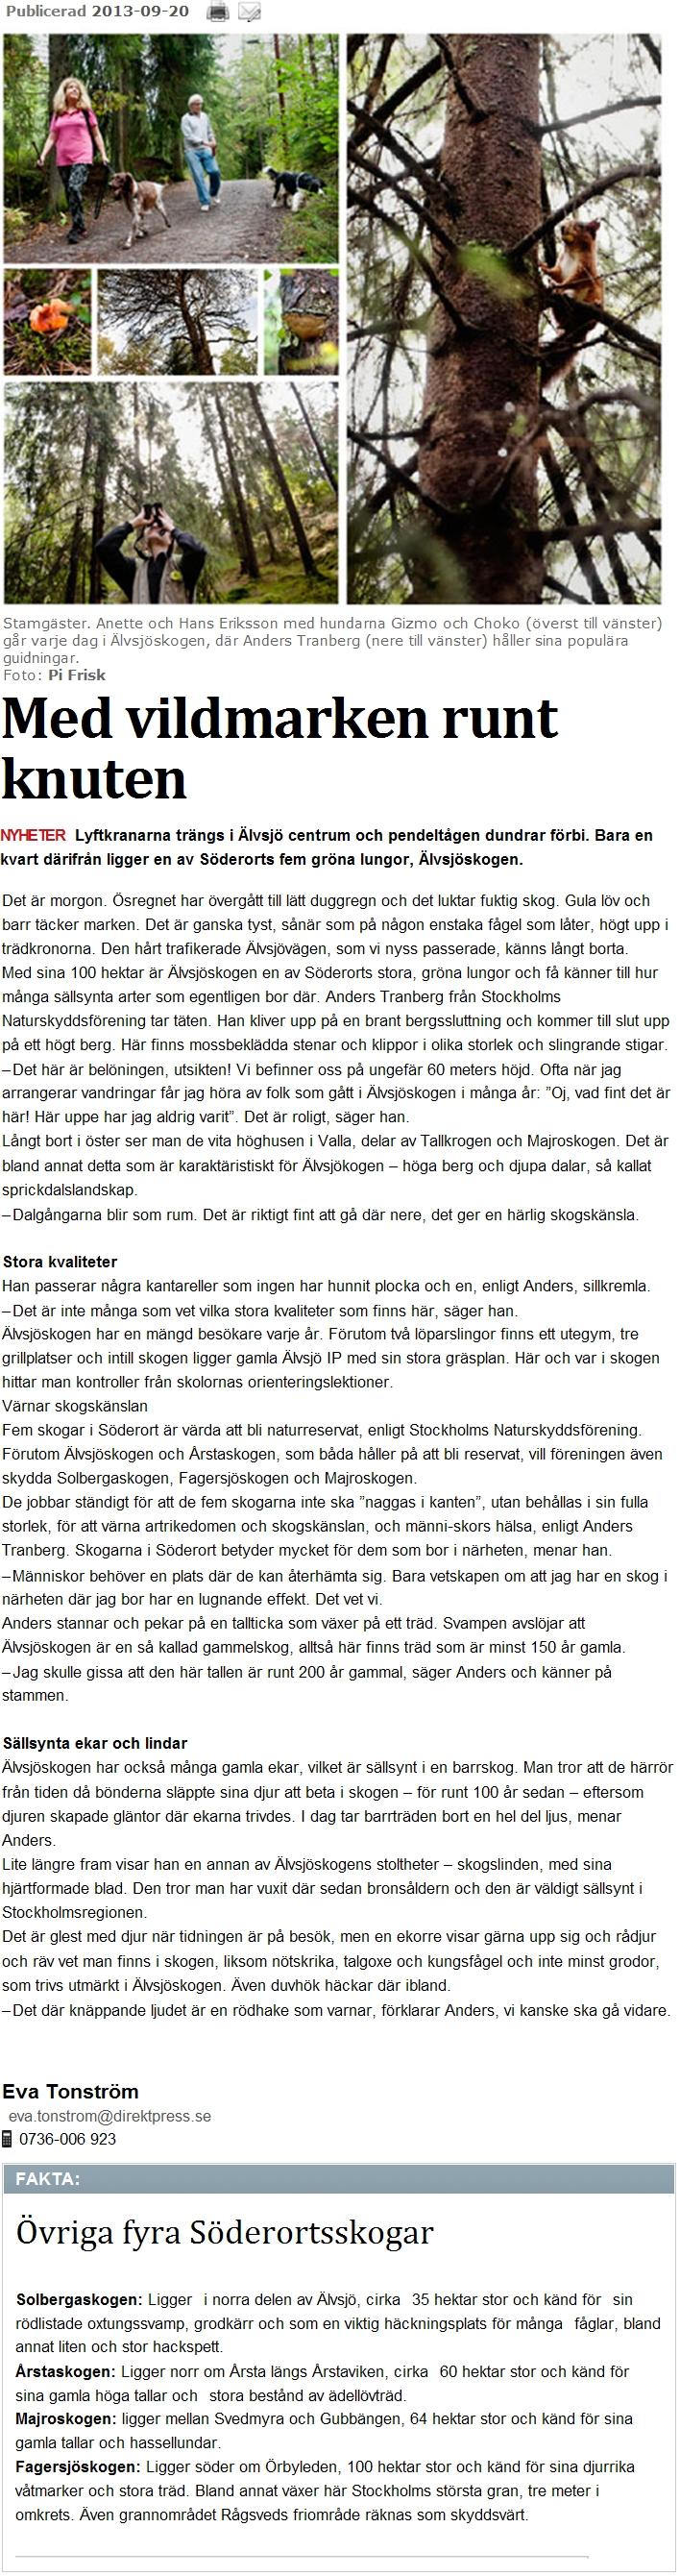 Med vildmarken runt knuten - Älvsjöskogen 2013-09-20